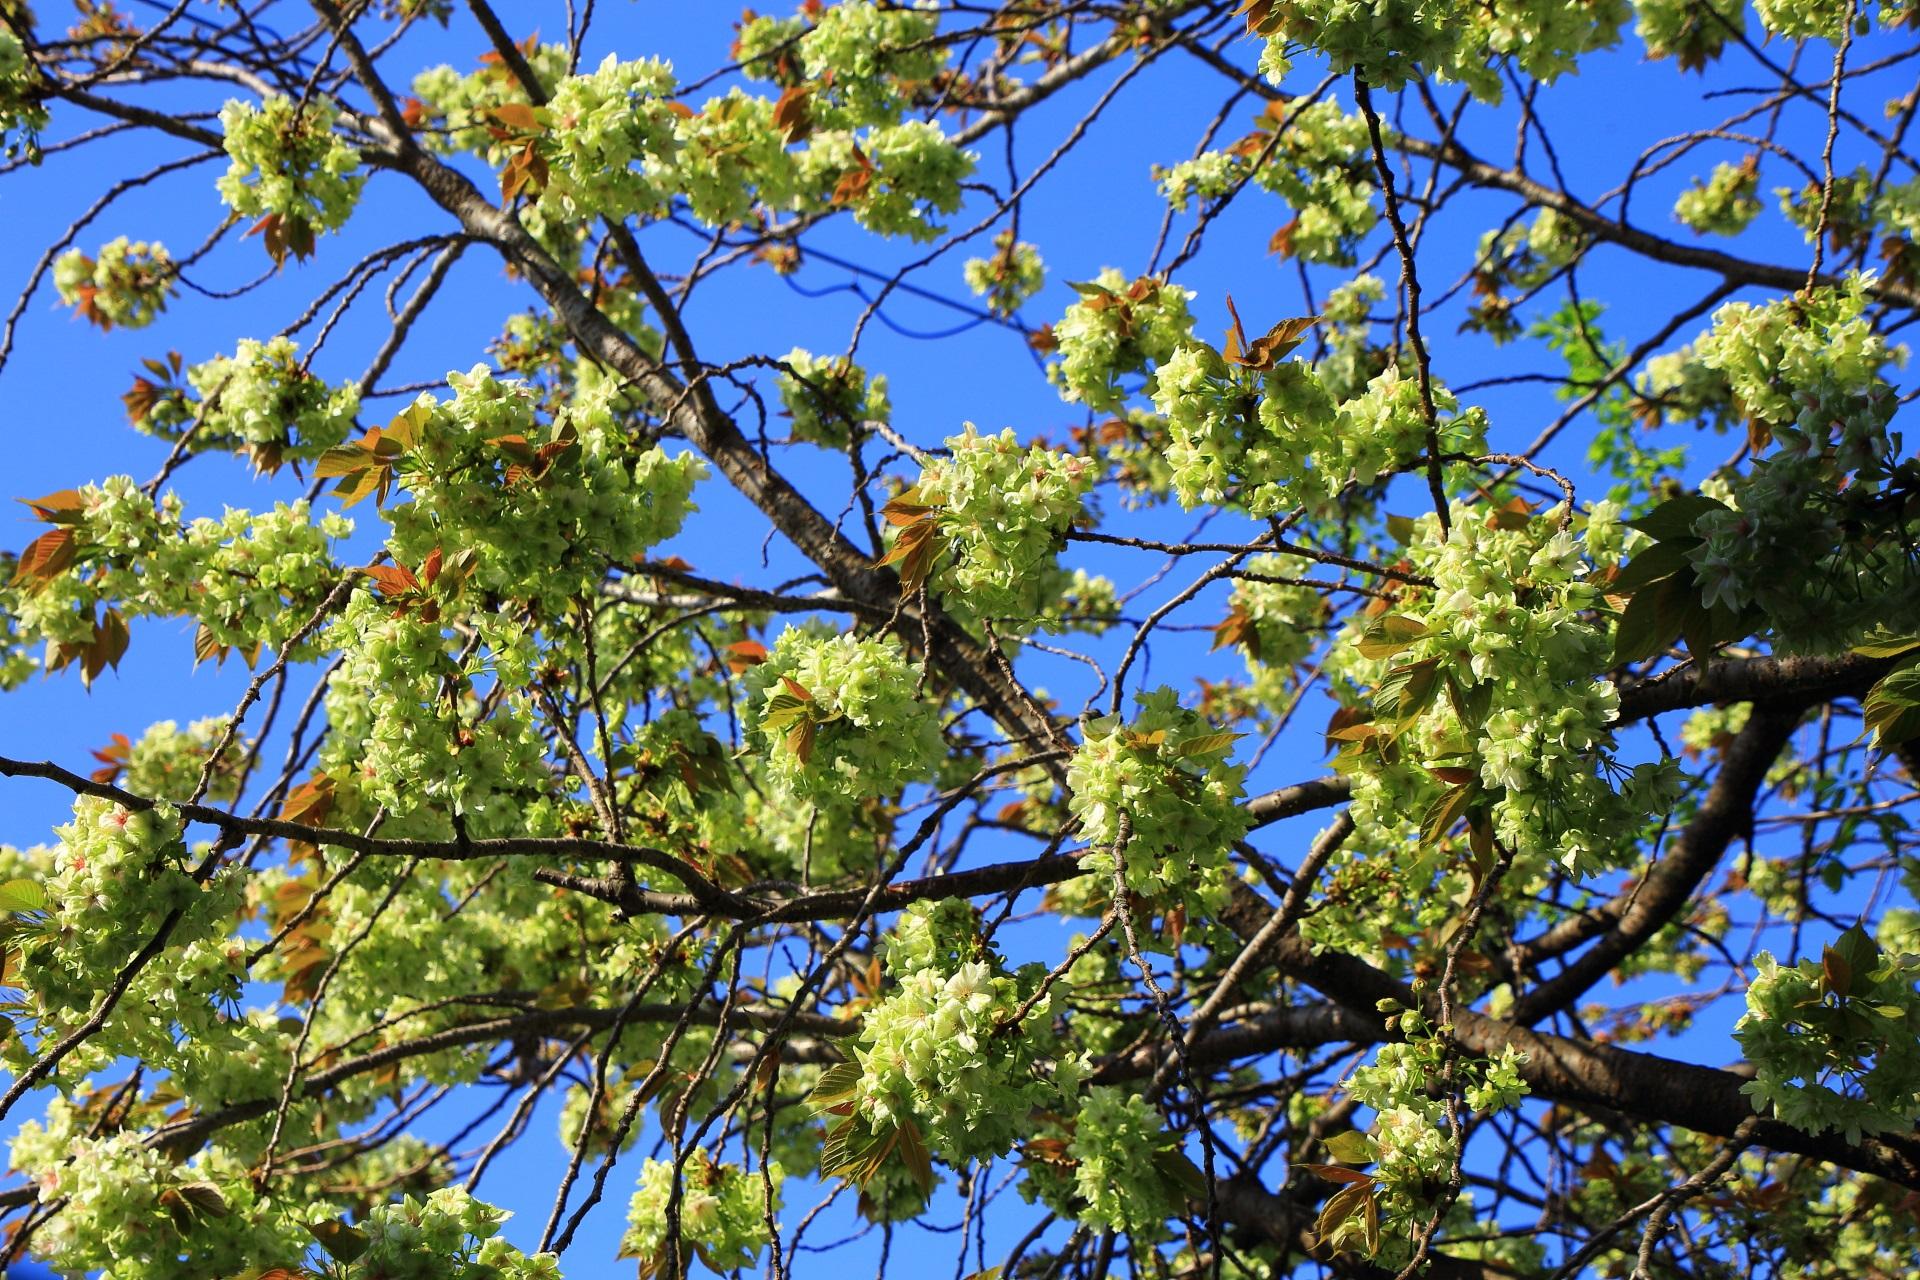 青空に映える緑の花